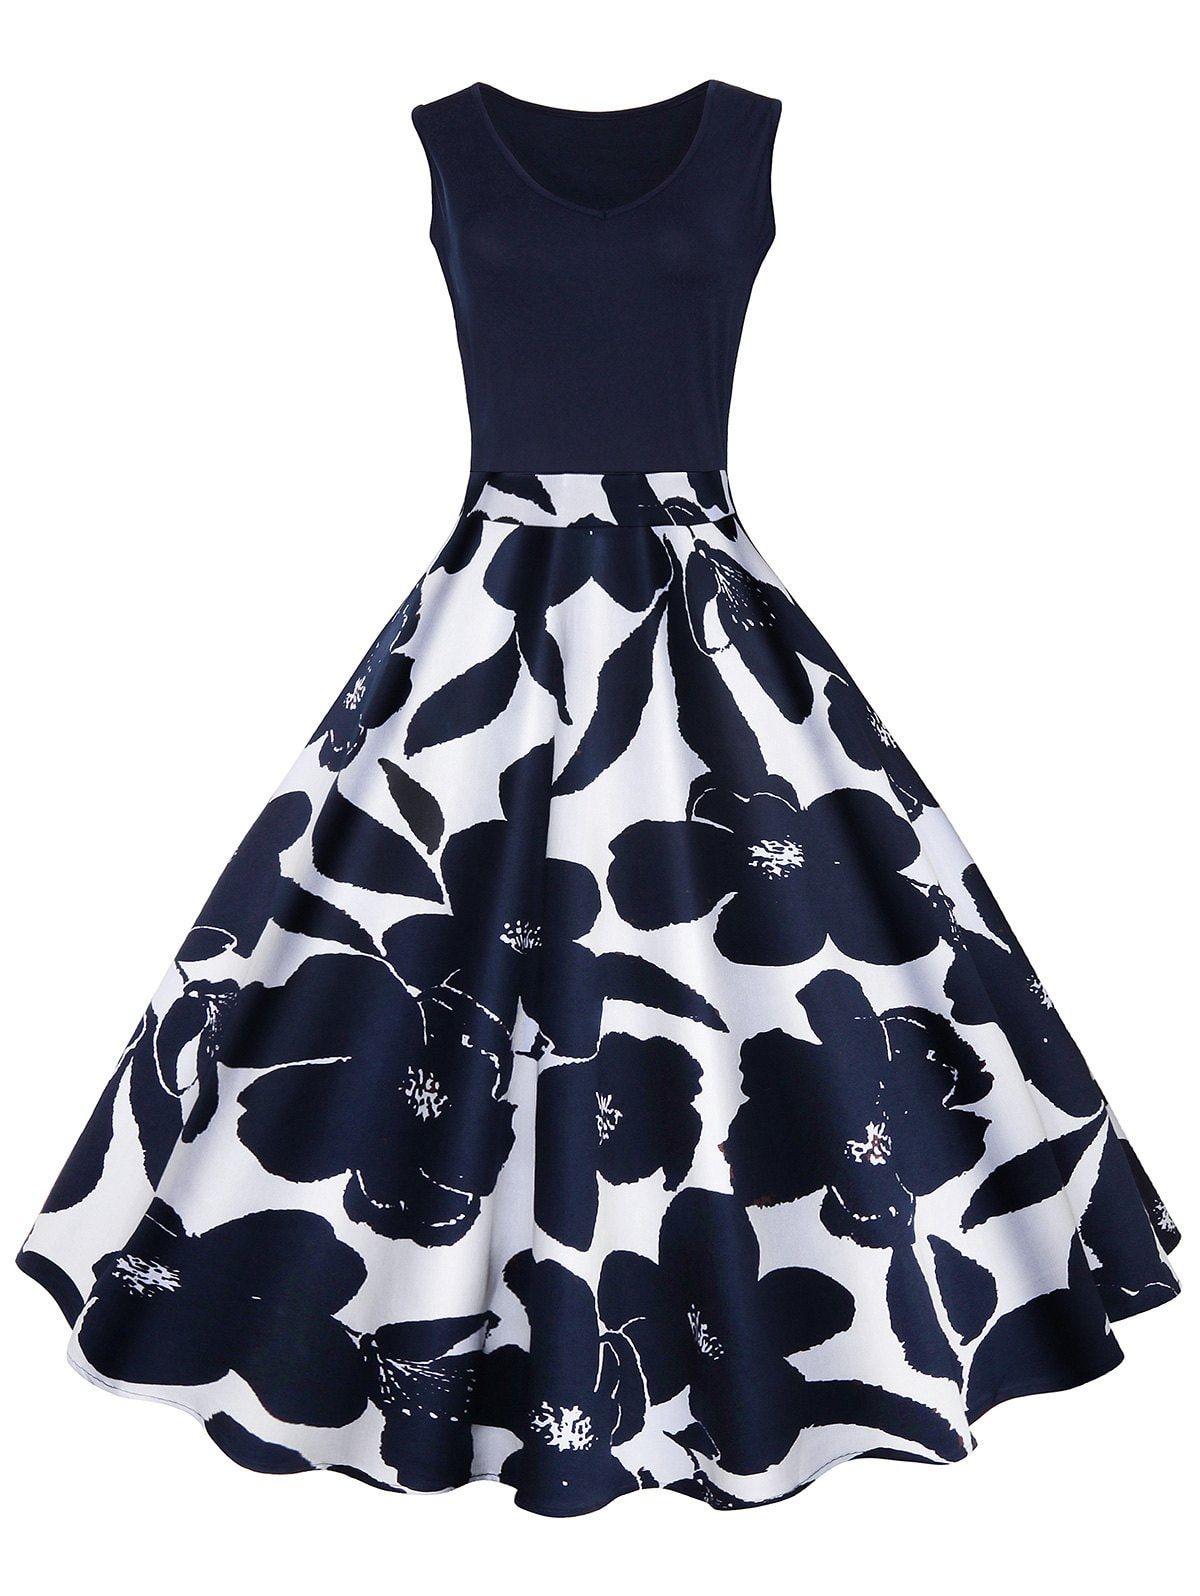 Vintage Print A Line High Waisted Dress -